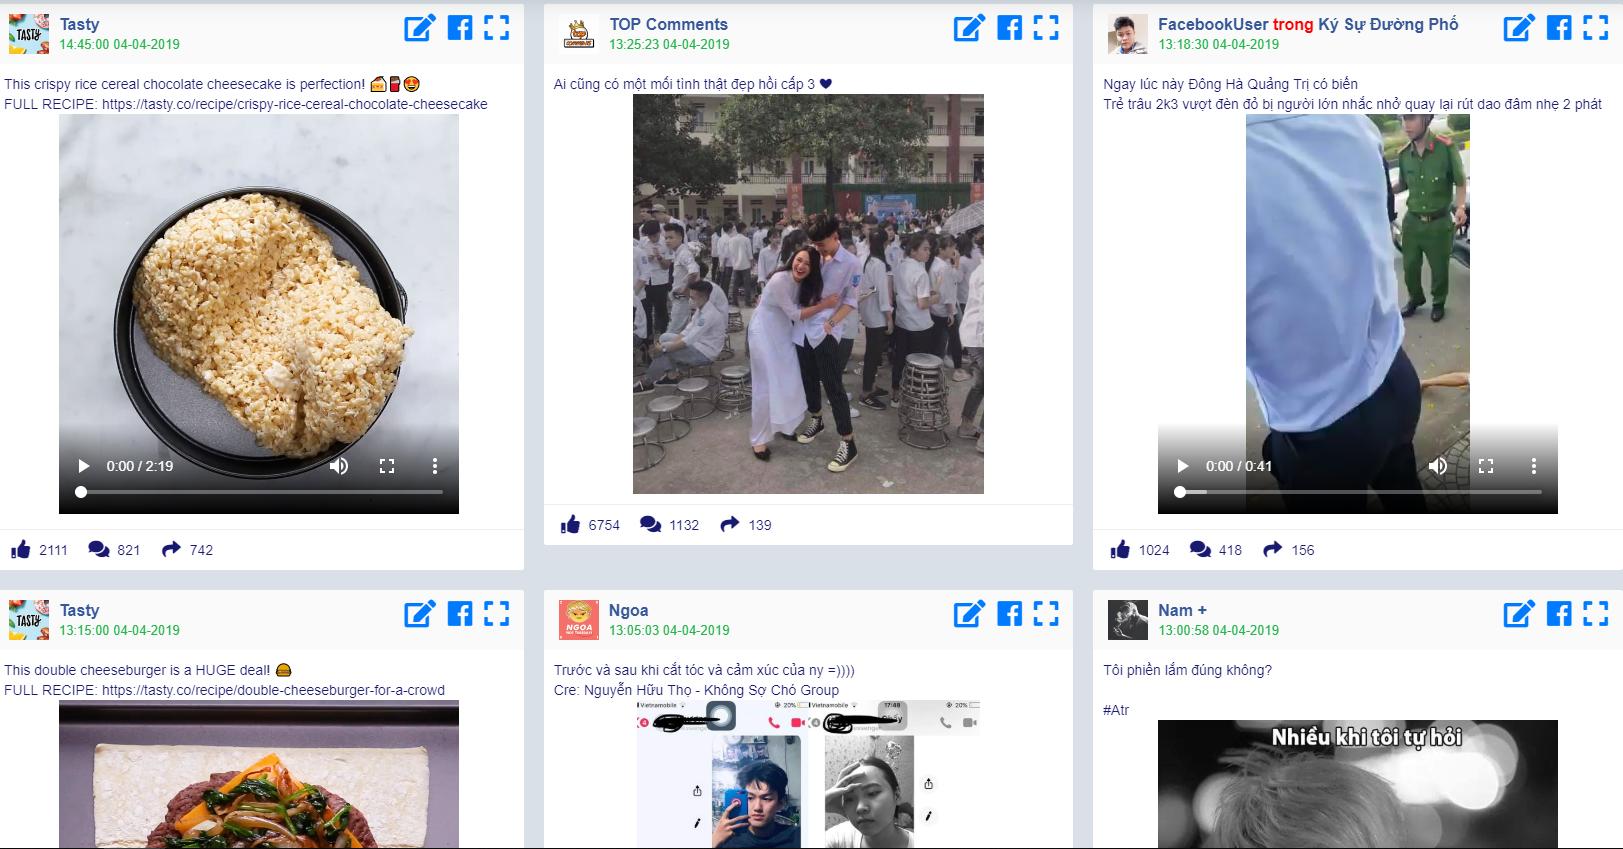 phần mềm tự động tìm kiếm nội dung quảng cáo hot trên facebook